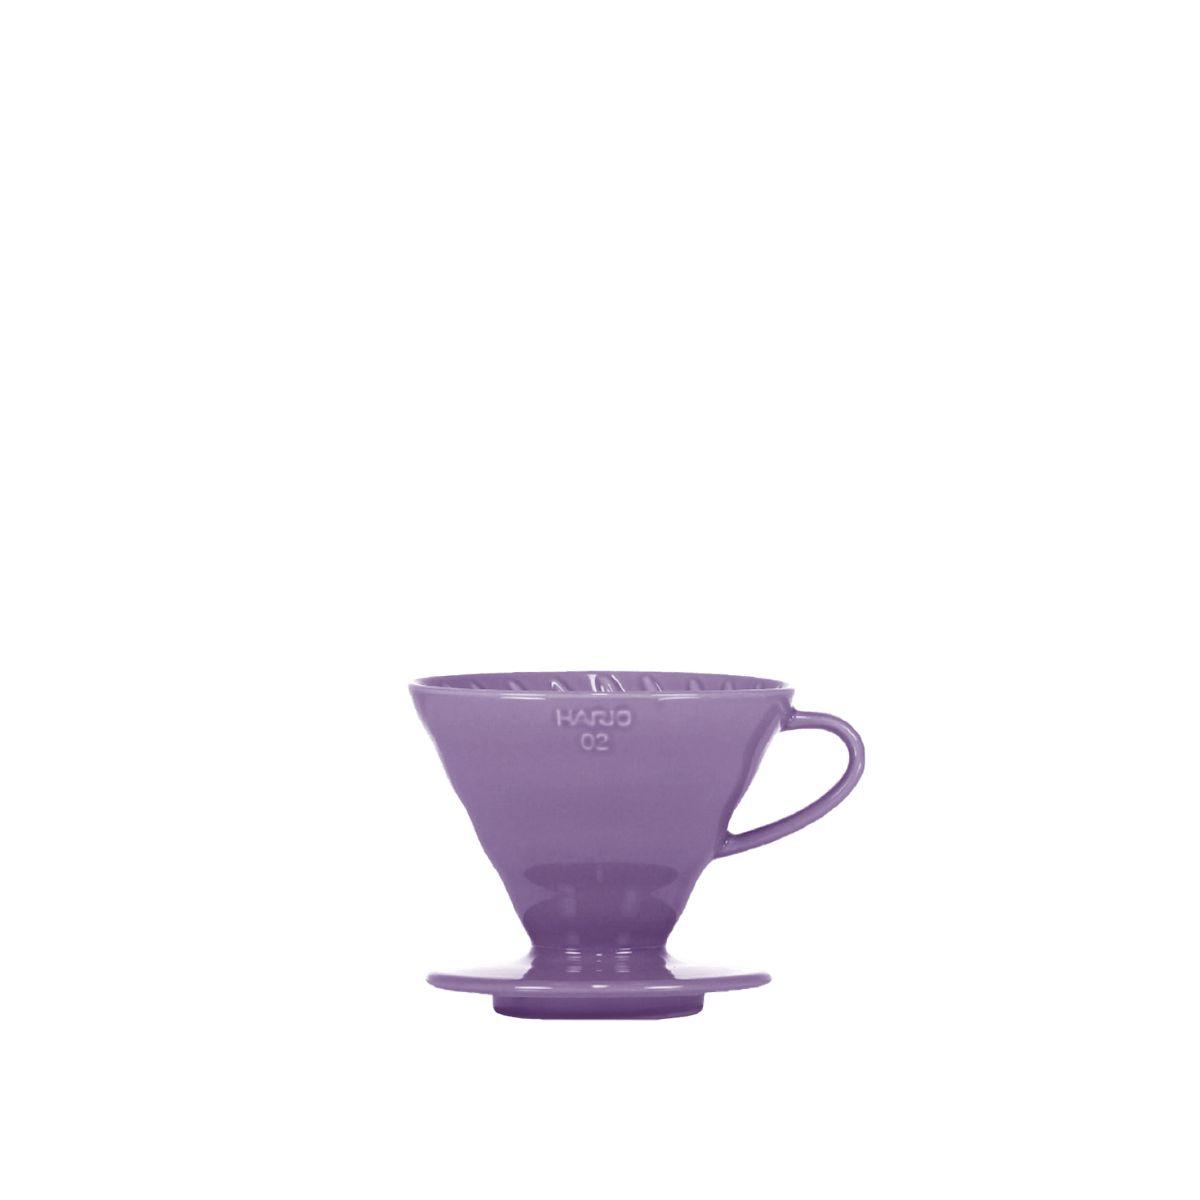 V60 Dripper Hario Porzellan [3/4 Tassen] - Violett